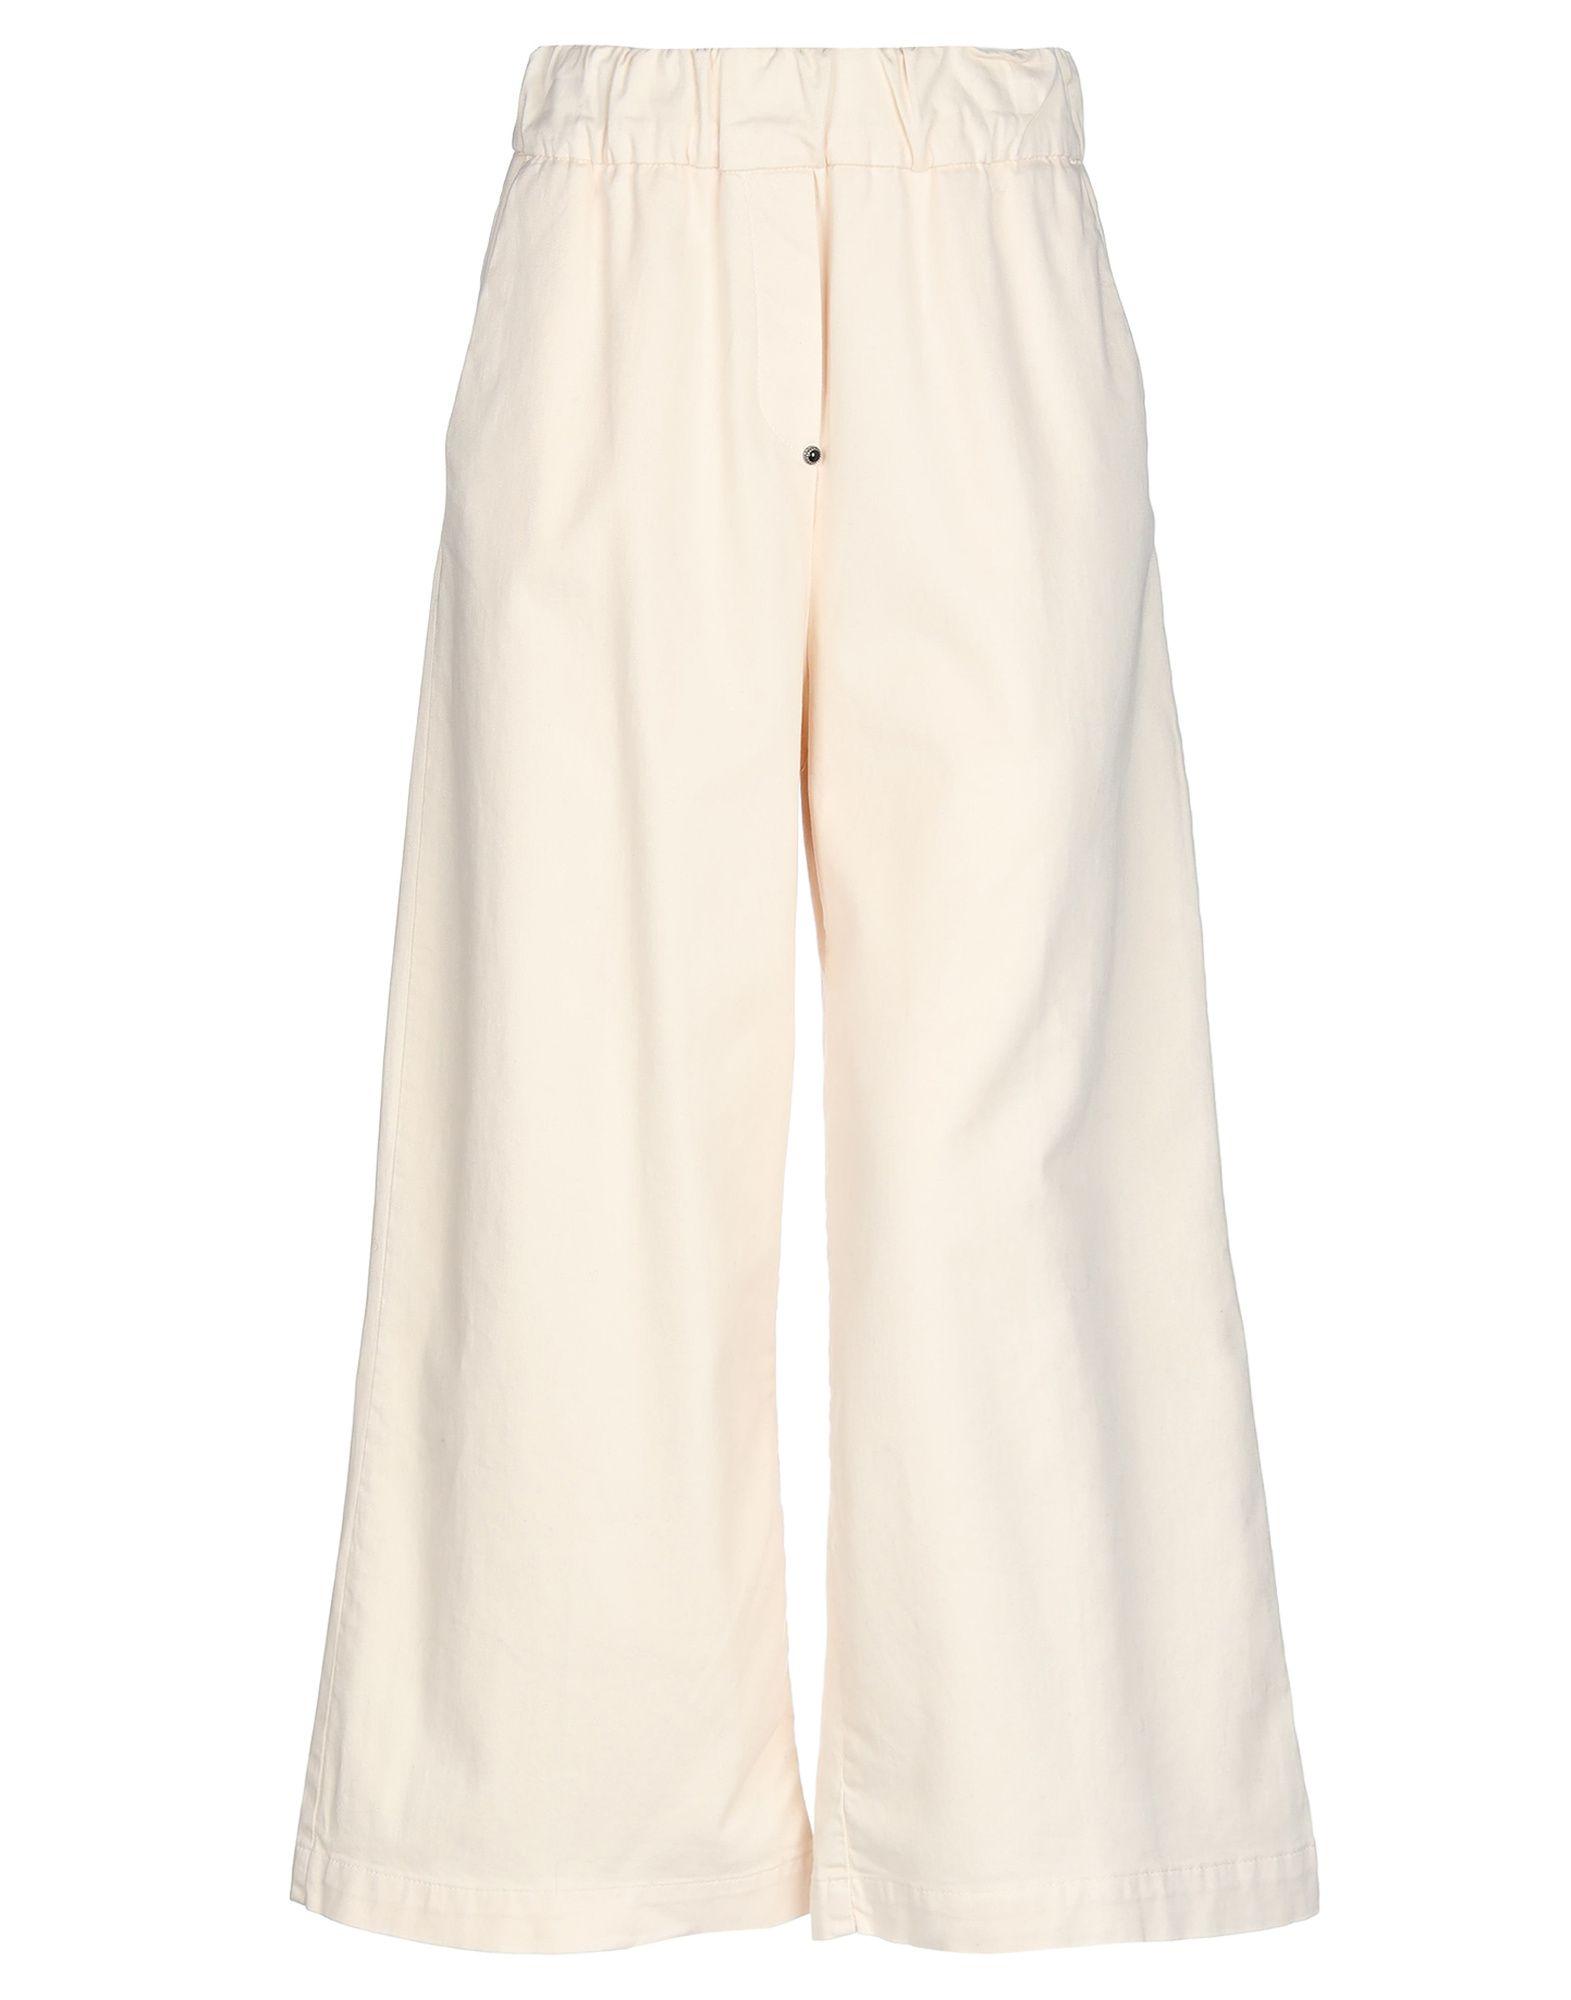 Pantalone Weiß Sand 88 damen - 13314401LH